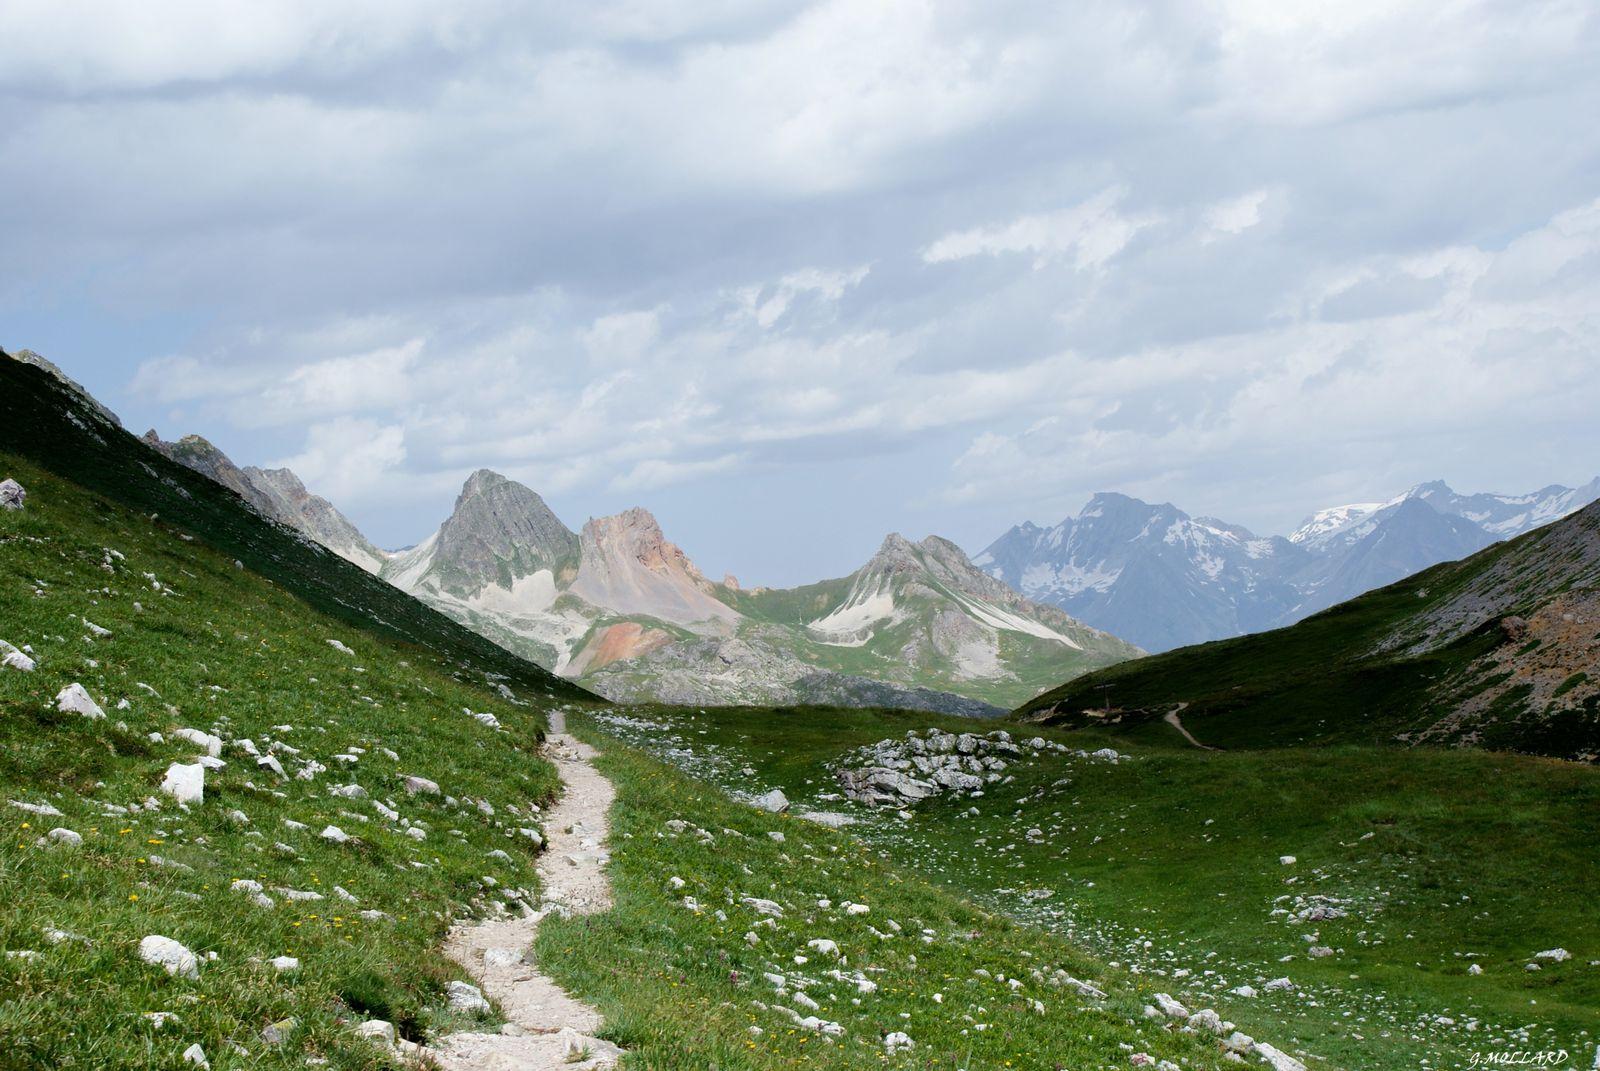 Le mont THABOR par VALFREJUS,le Lavoir, col de la vallée étroite, lac du Peyron et col des Méandres